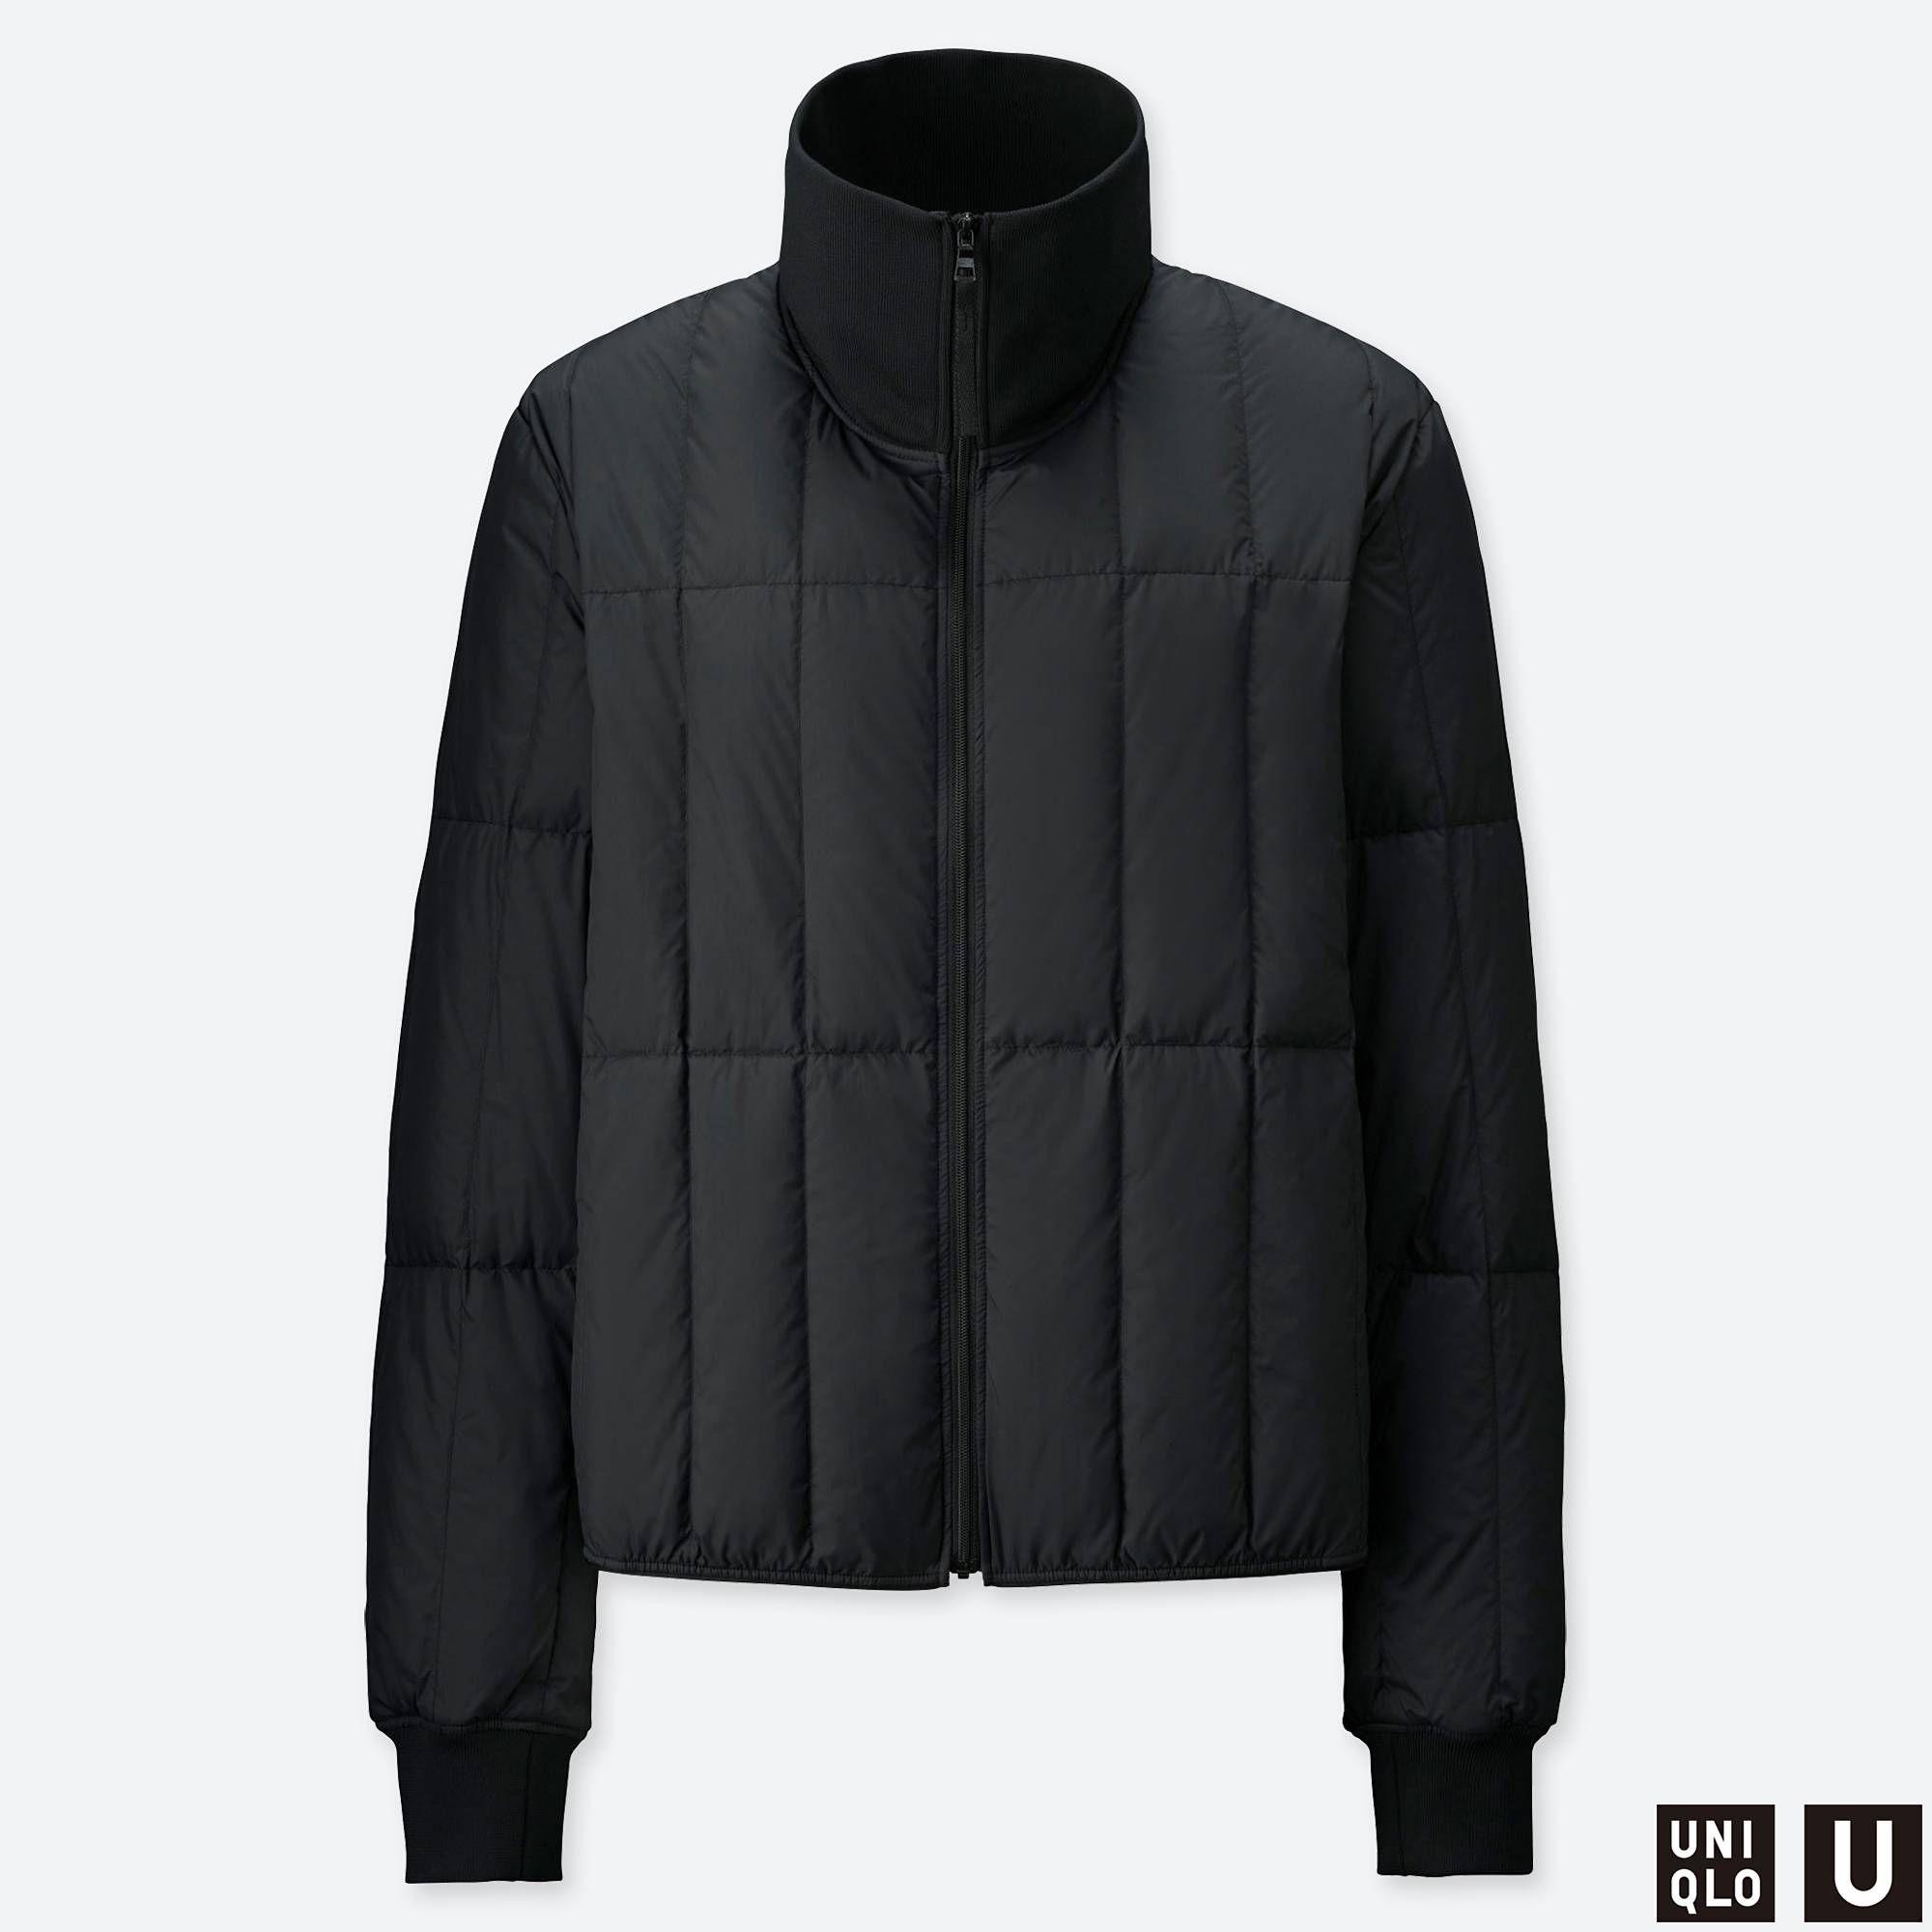 Women U Ultra Light Down Jacket Down Jacket Uniqlo Jackets [ 2000 x 2000 Pixel ]